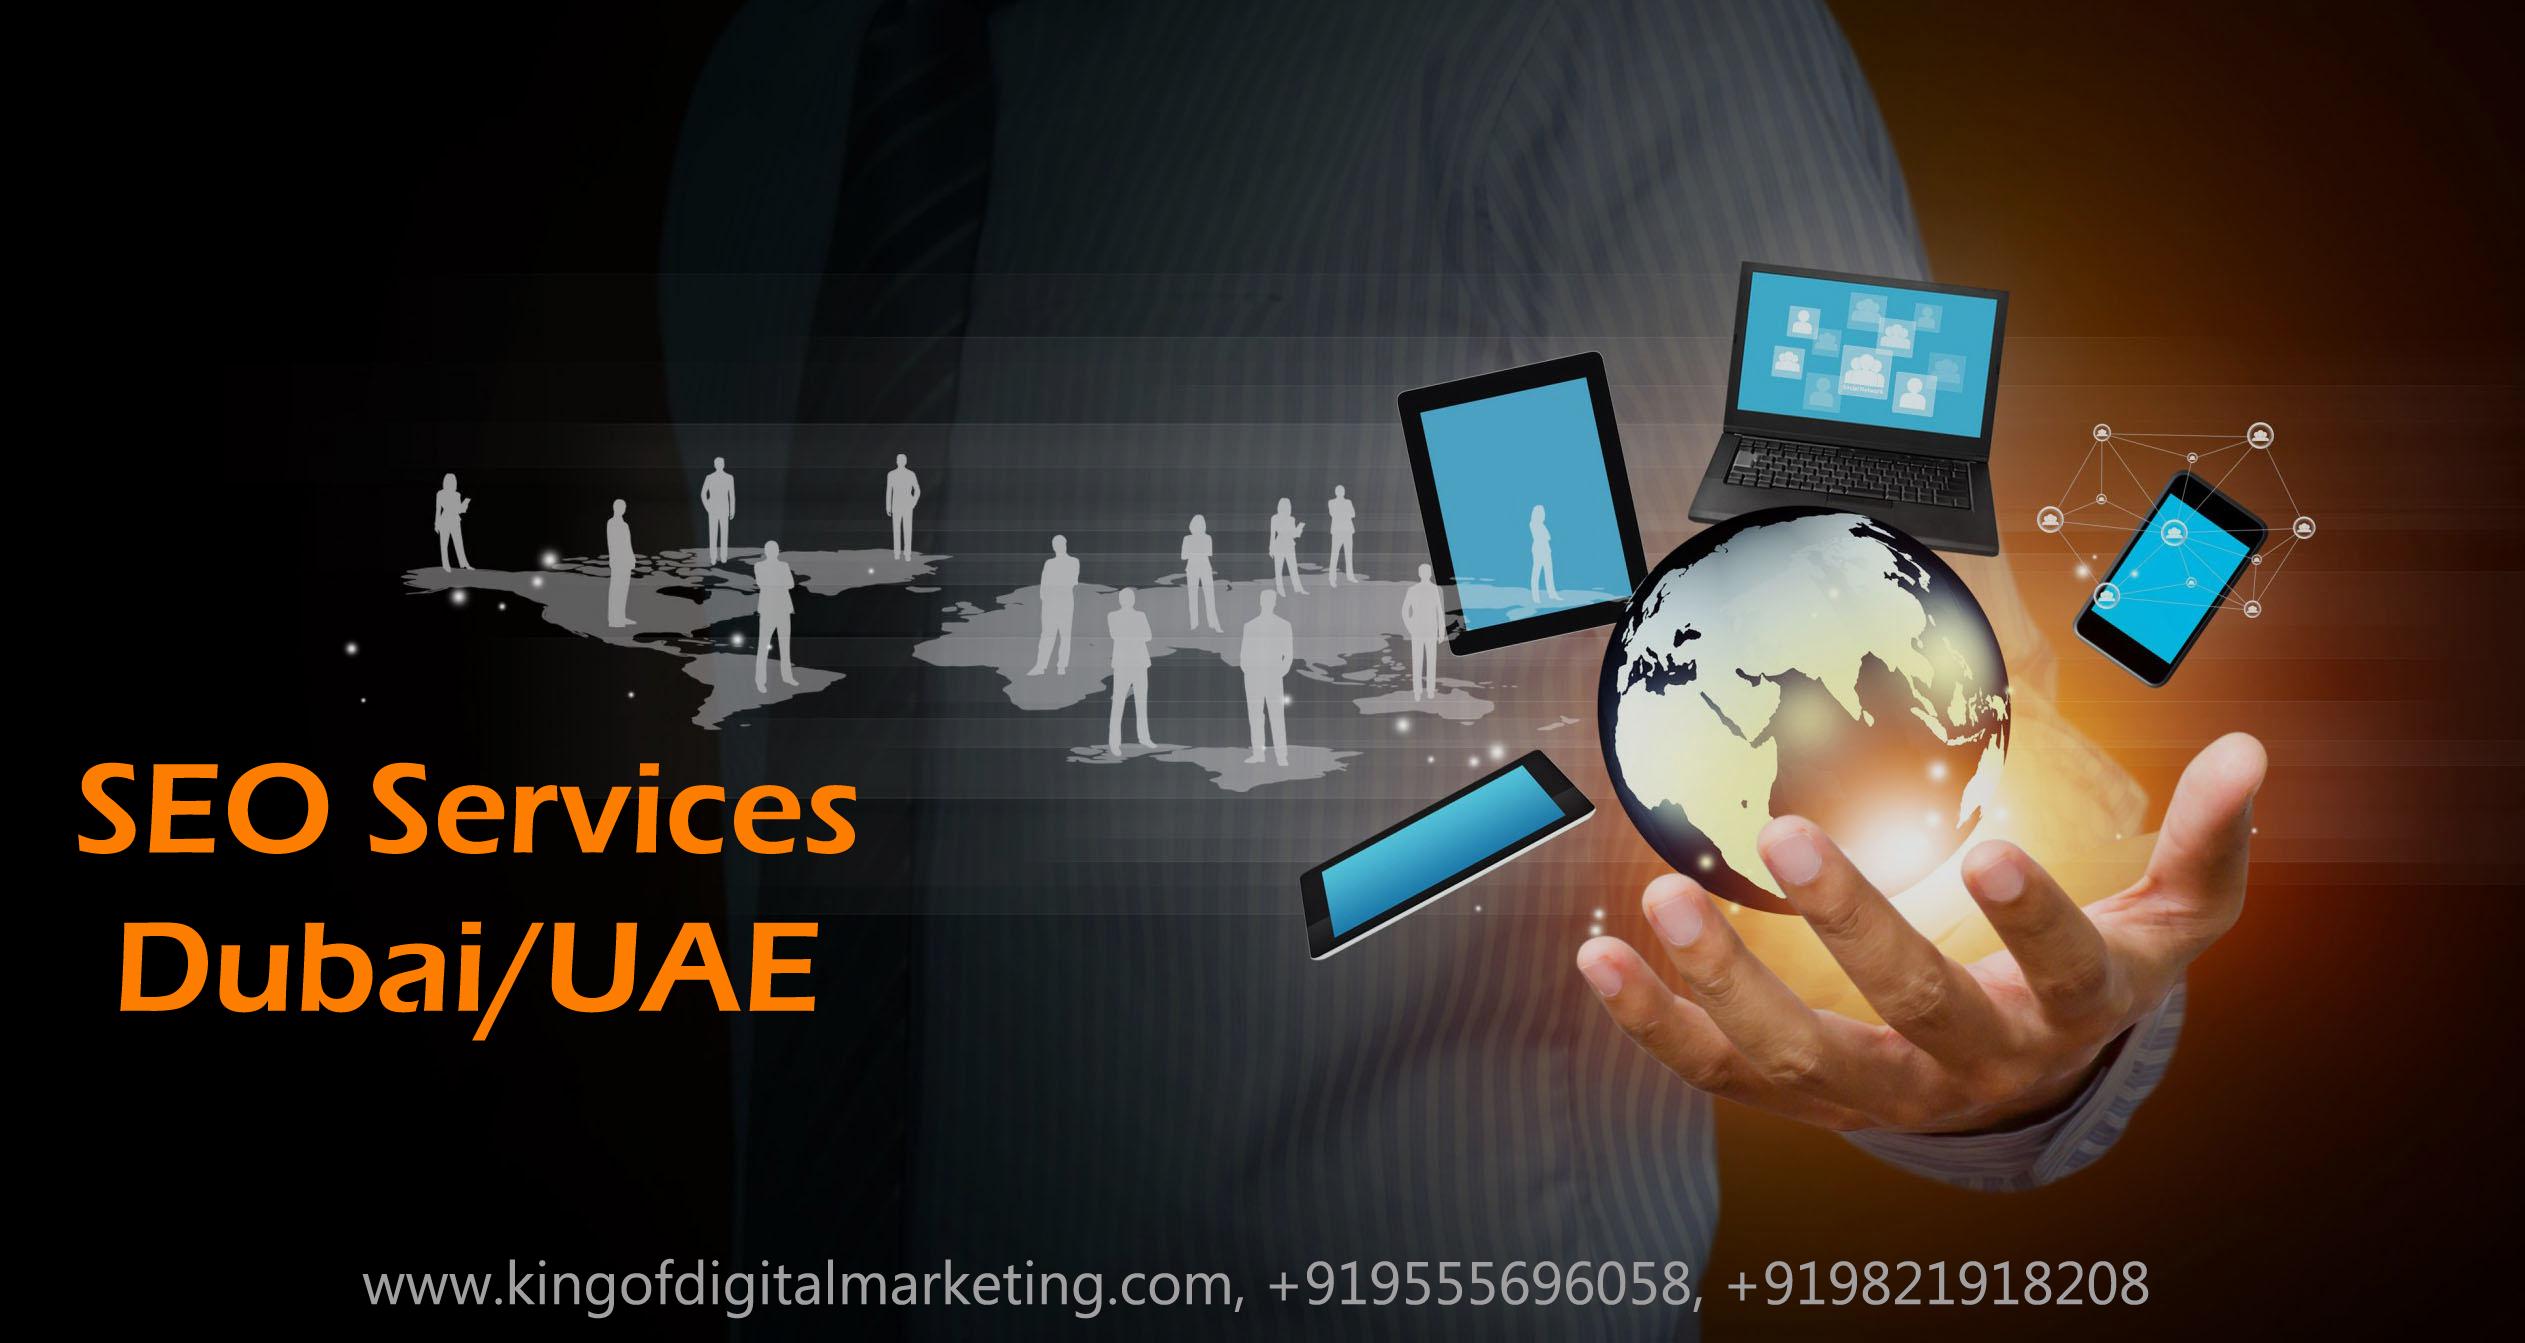 SEO Company in Dubai, SEO Company in UAE Dubai, SMO & PPC Services